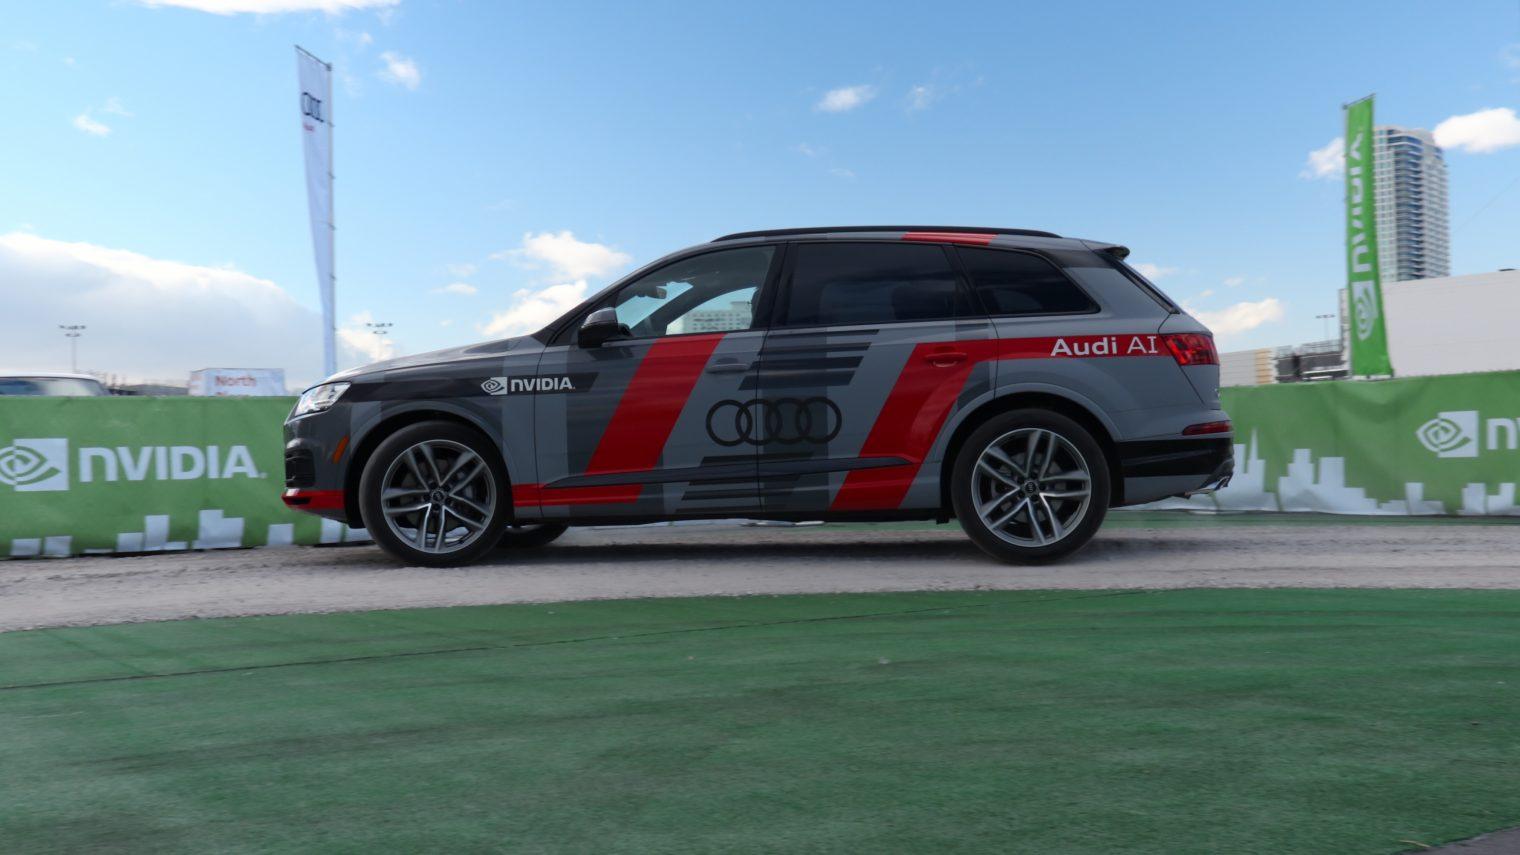 Medium_613_Audi_Q7_Piloted_Driving_Concept (1)